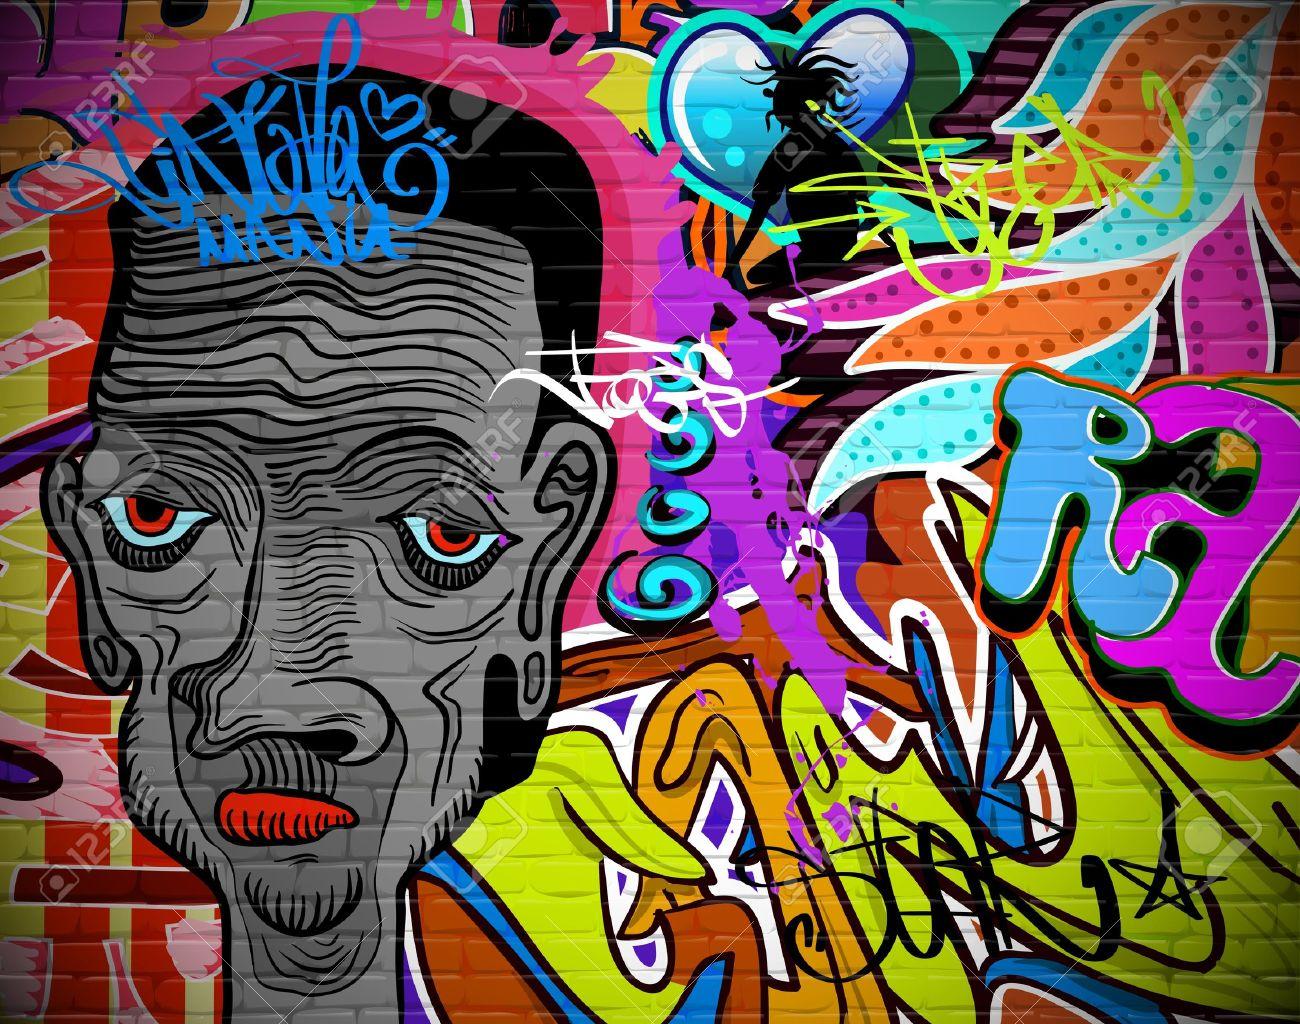 Graffiti art designs - Graffiti Wall Urban Art Background Grunge Hip Hop Artistic Design Stock Vector 15654644